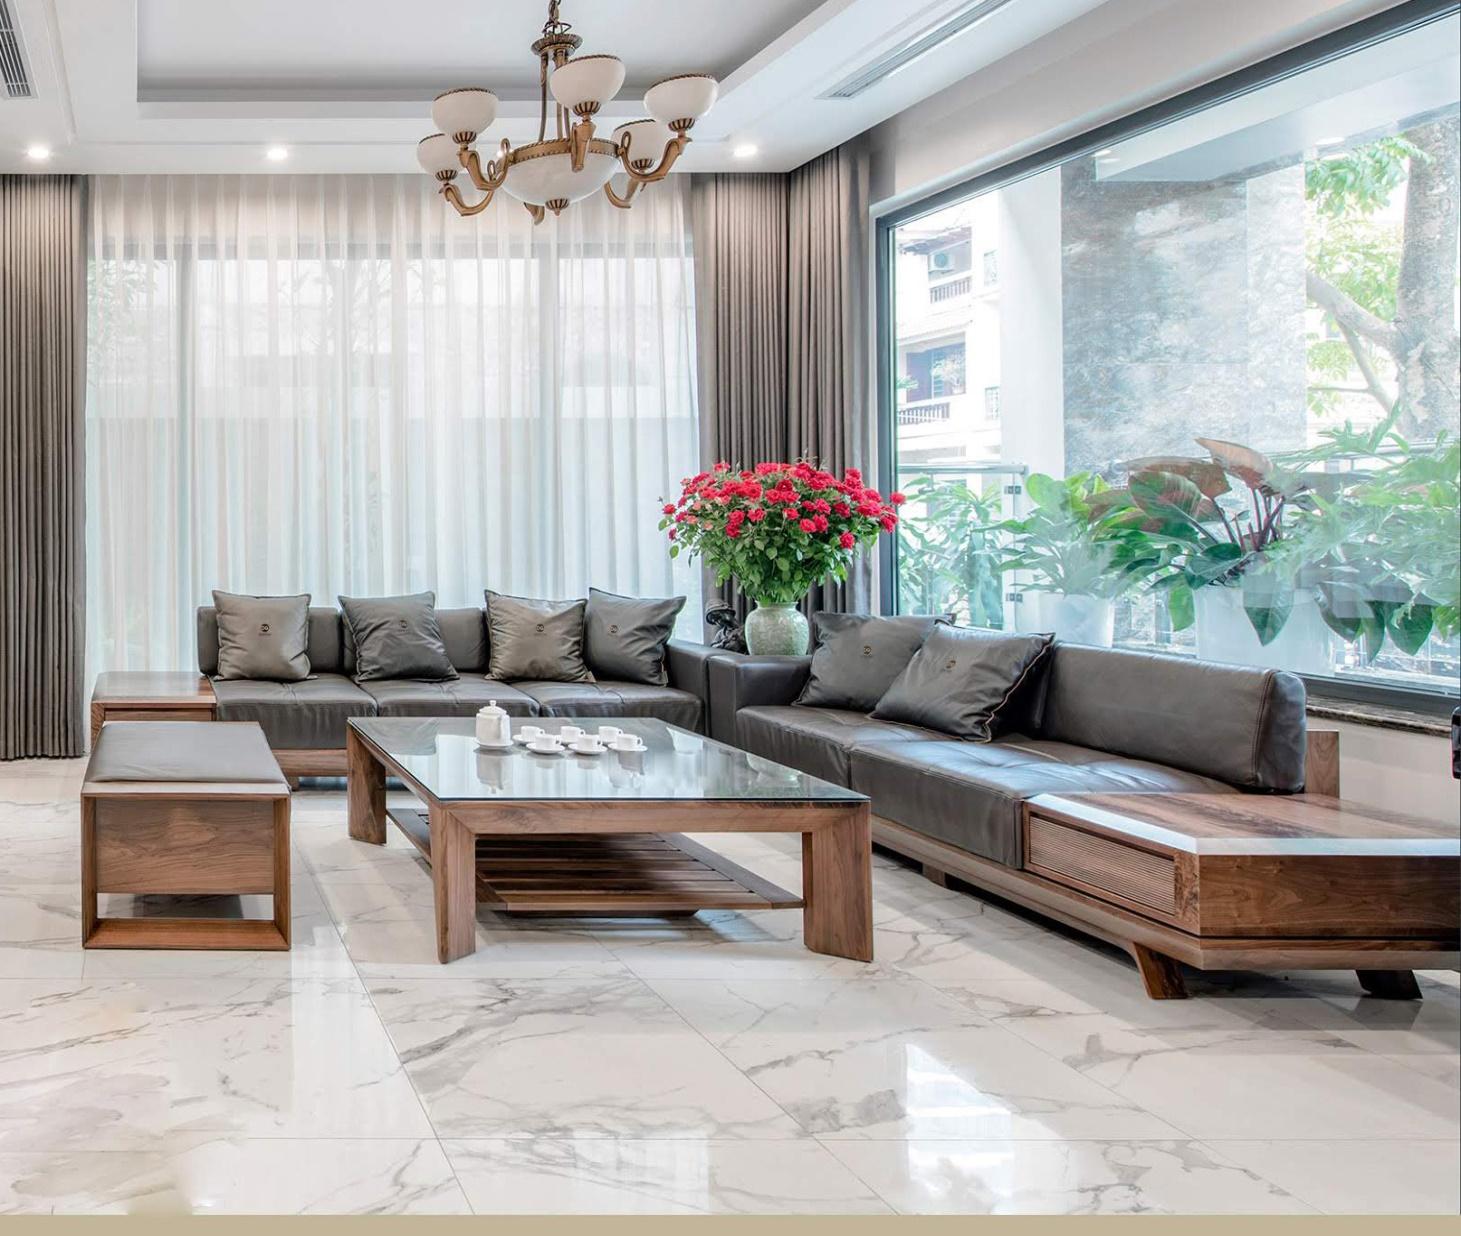 Bộ bàn ghế gỗ phòng khách với chất liệu gỗ tự nhiên